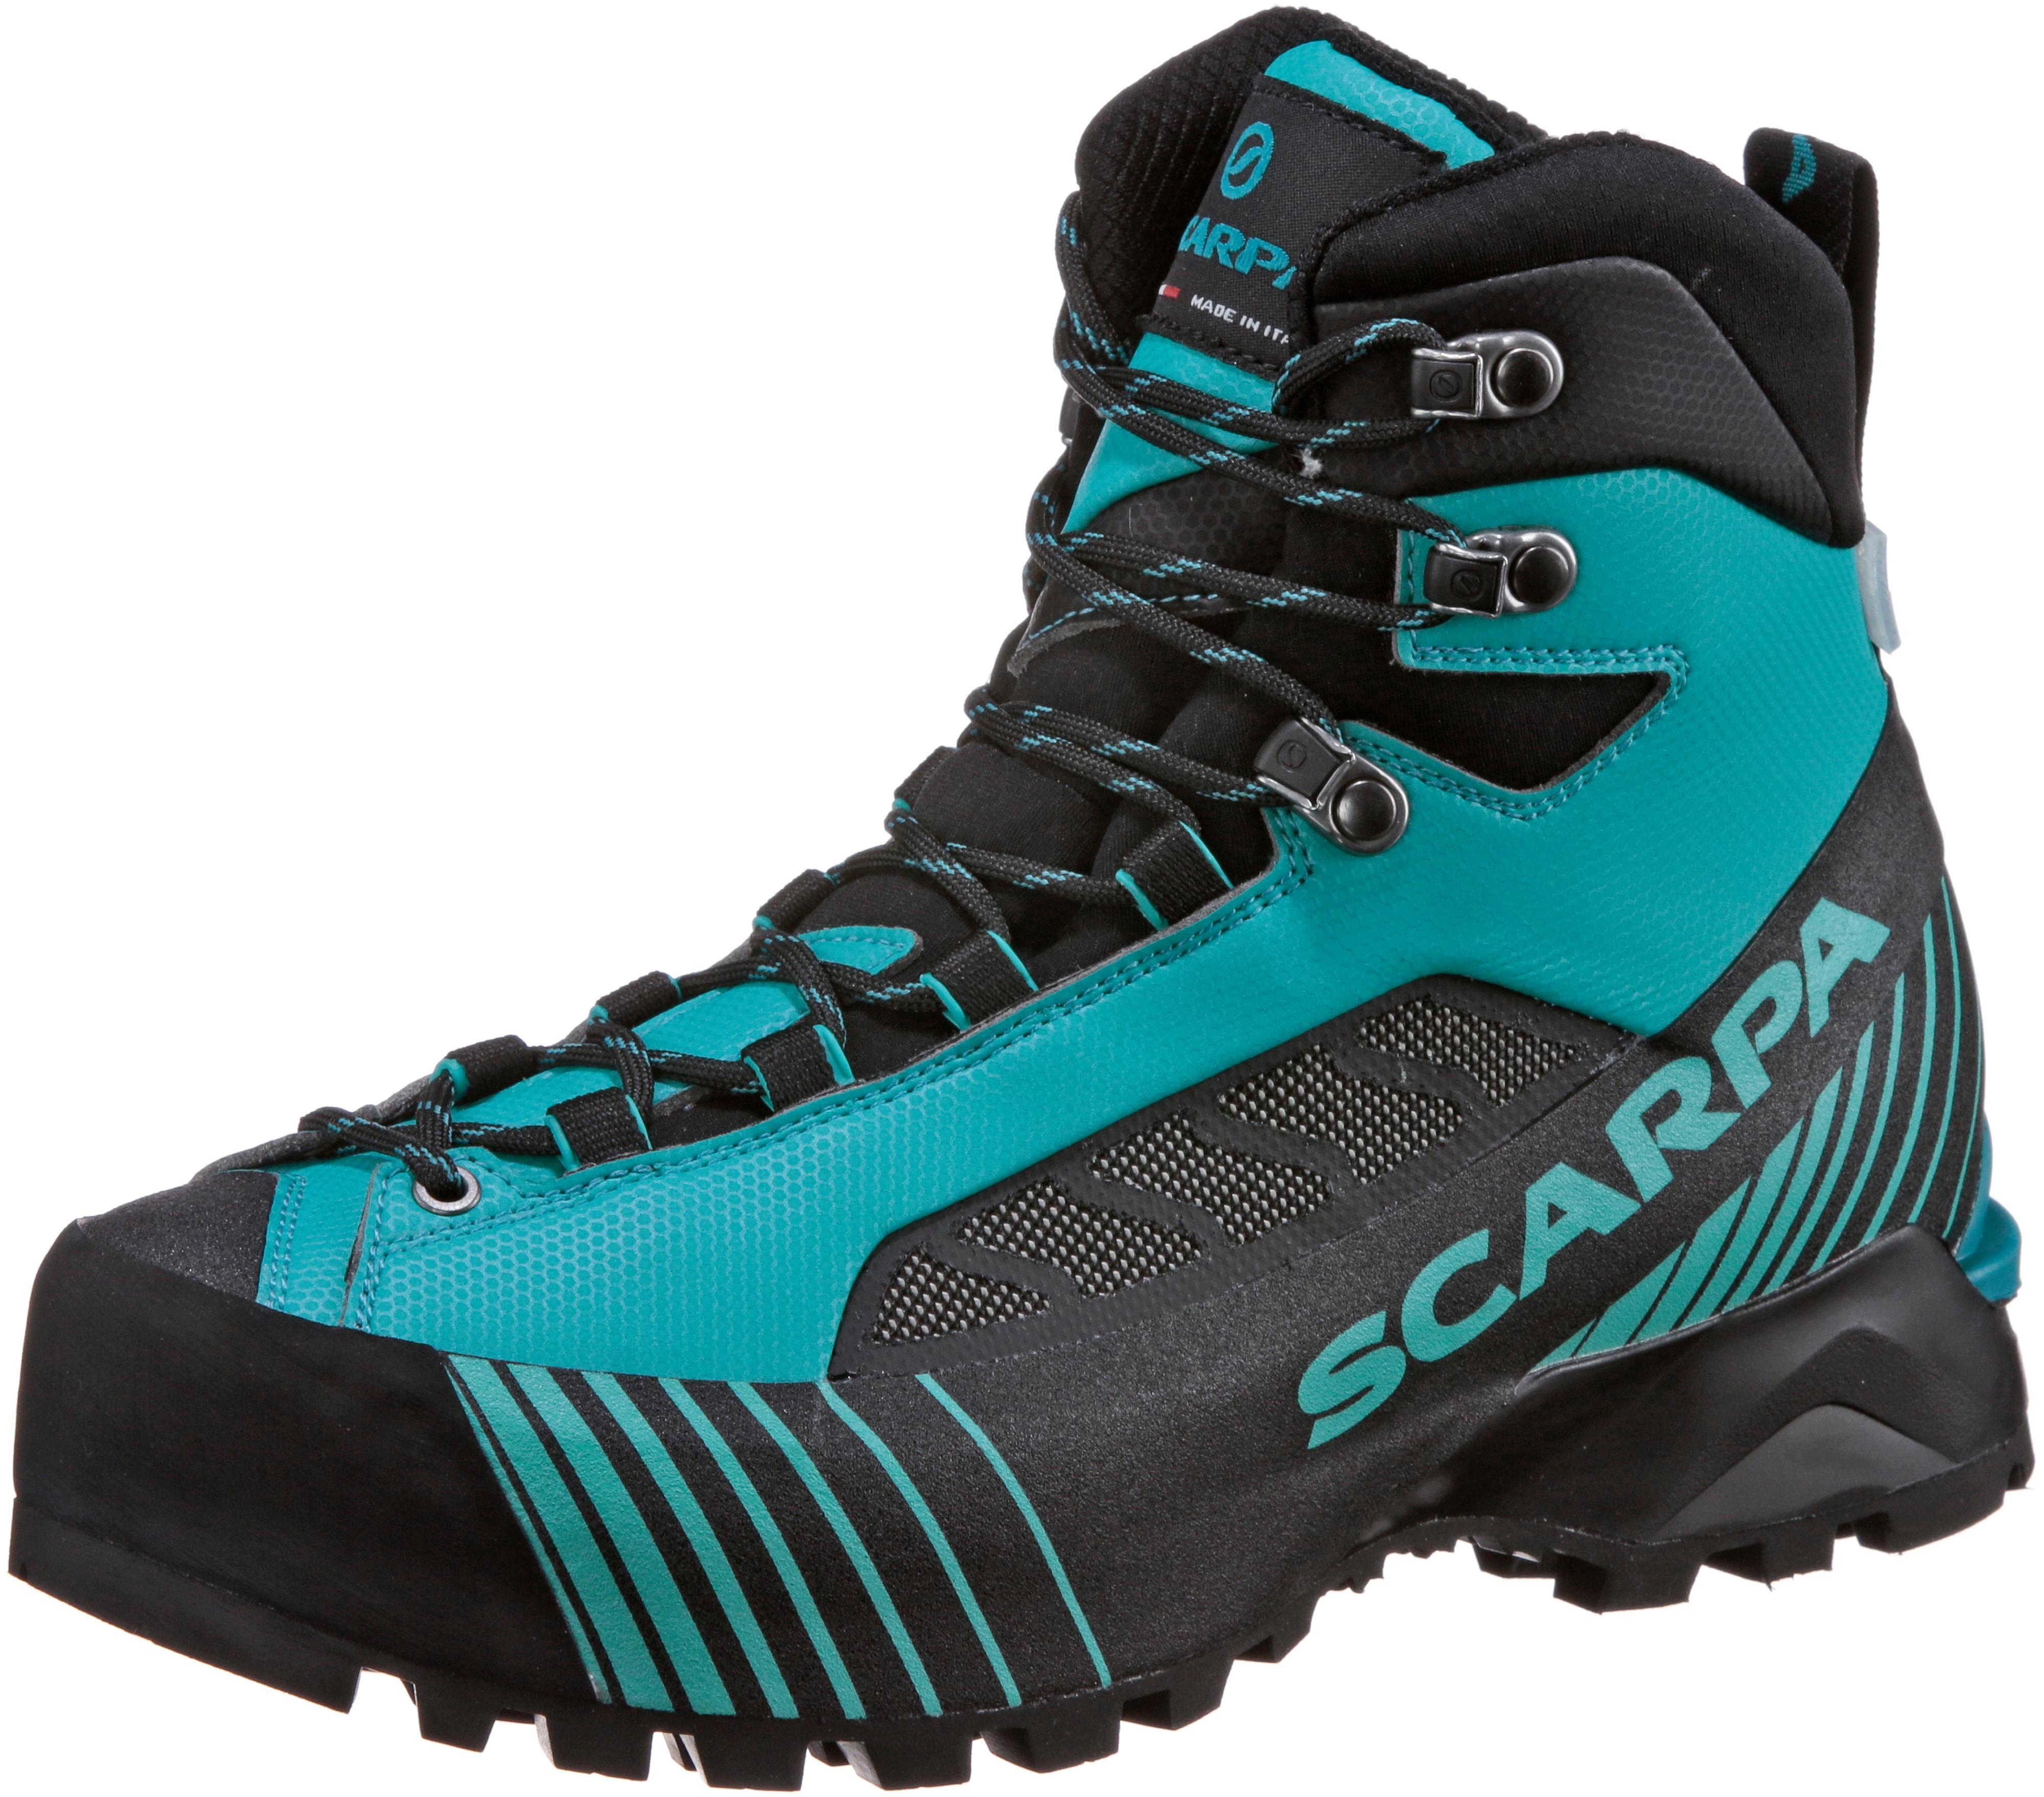 Scarpa Ribelle Lite OD Alpine Alpine Alpine Bergschuhe Damen ceramic-schwarz im Online Shop von SportScheck kaufen Gute Qualität beliebte Schuhe 0b33fc